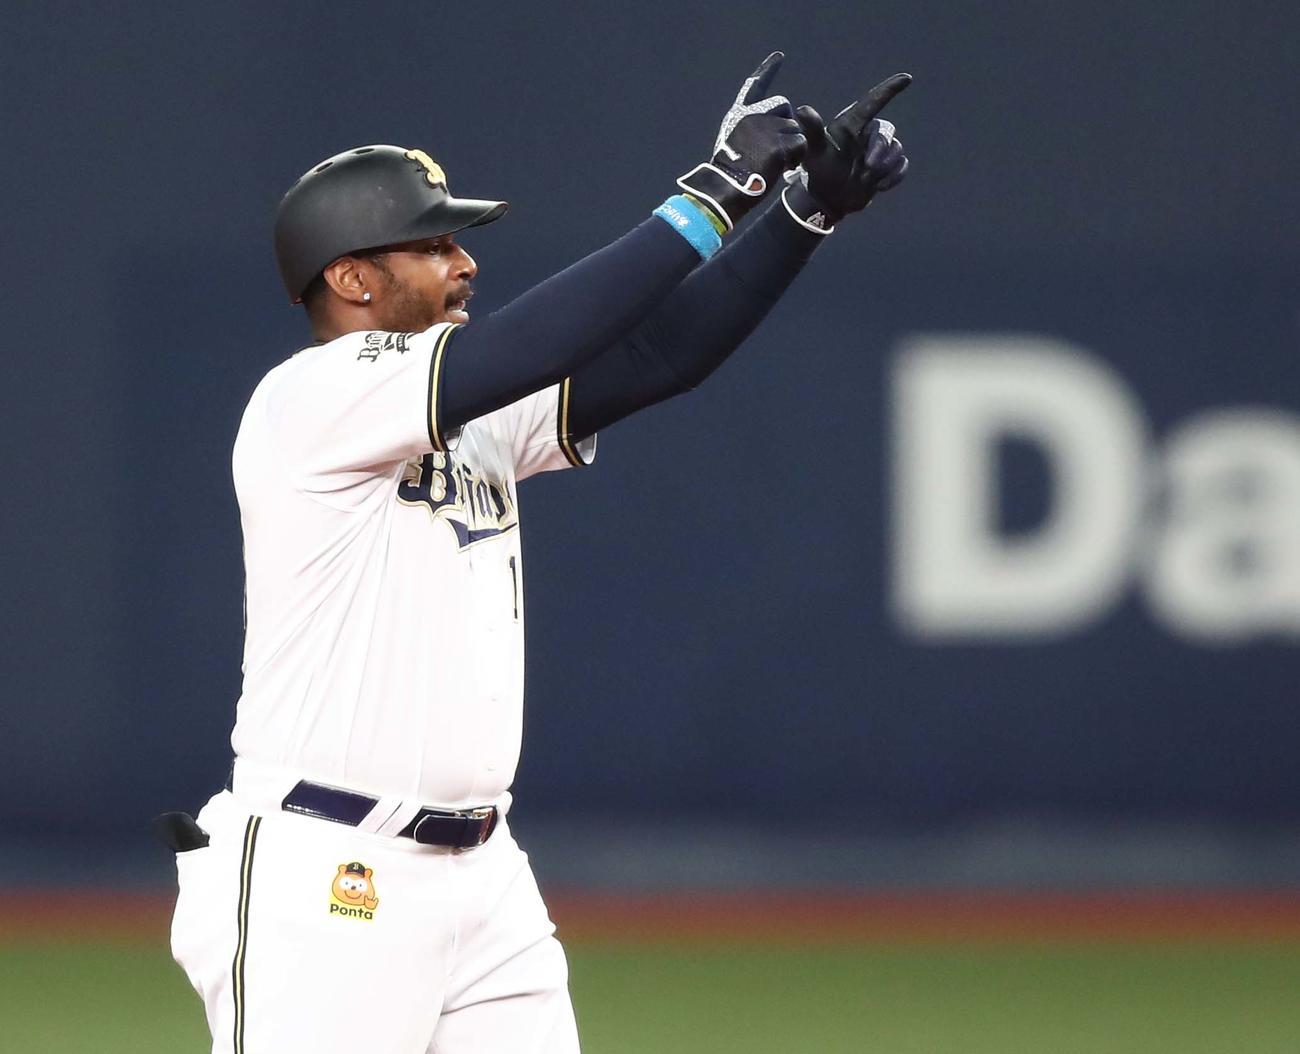 オリックス対日本ハム 3回裏オリックス2死一、三塁、中越え2点適時二塁打を放ちポーズをとるジョーンズ(撮影・黒川智章)